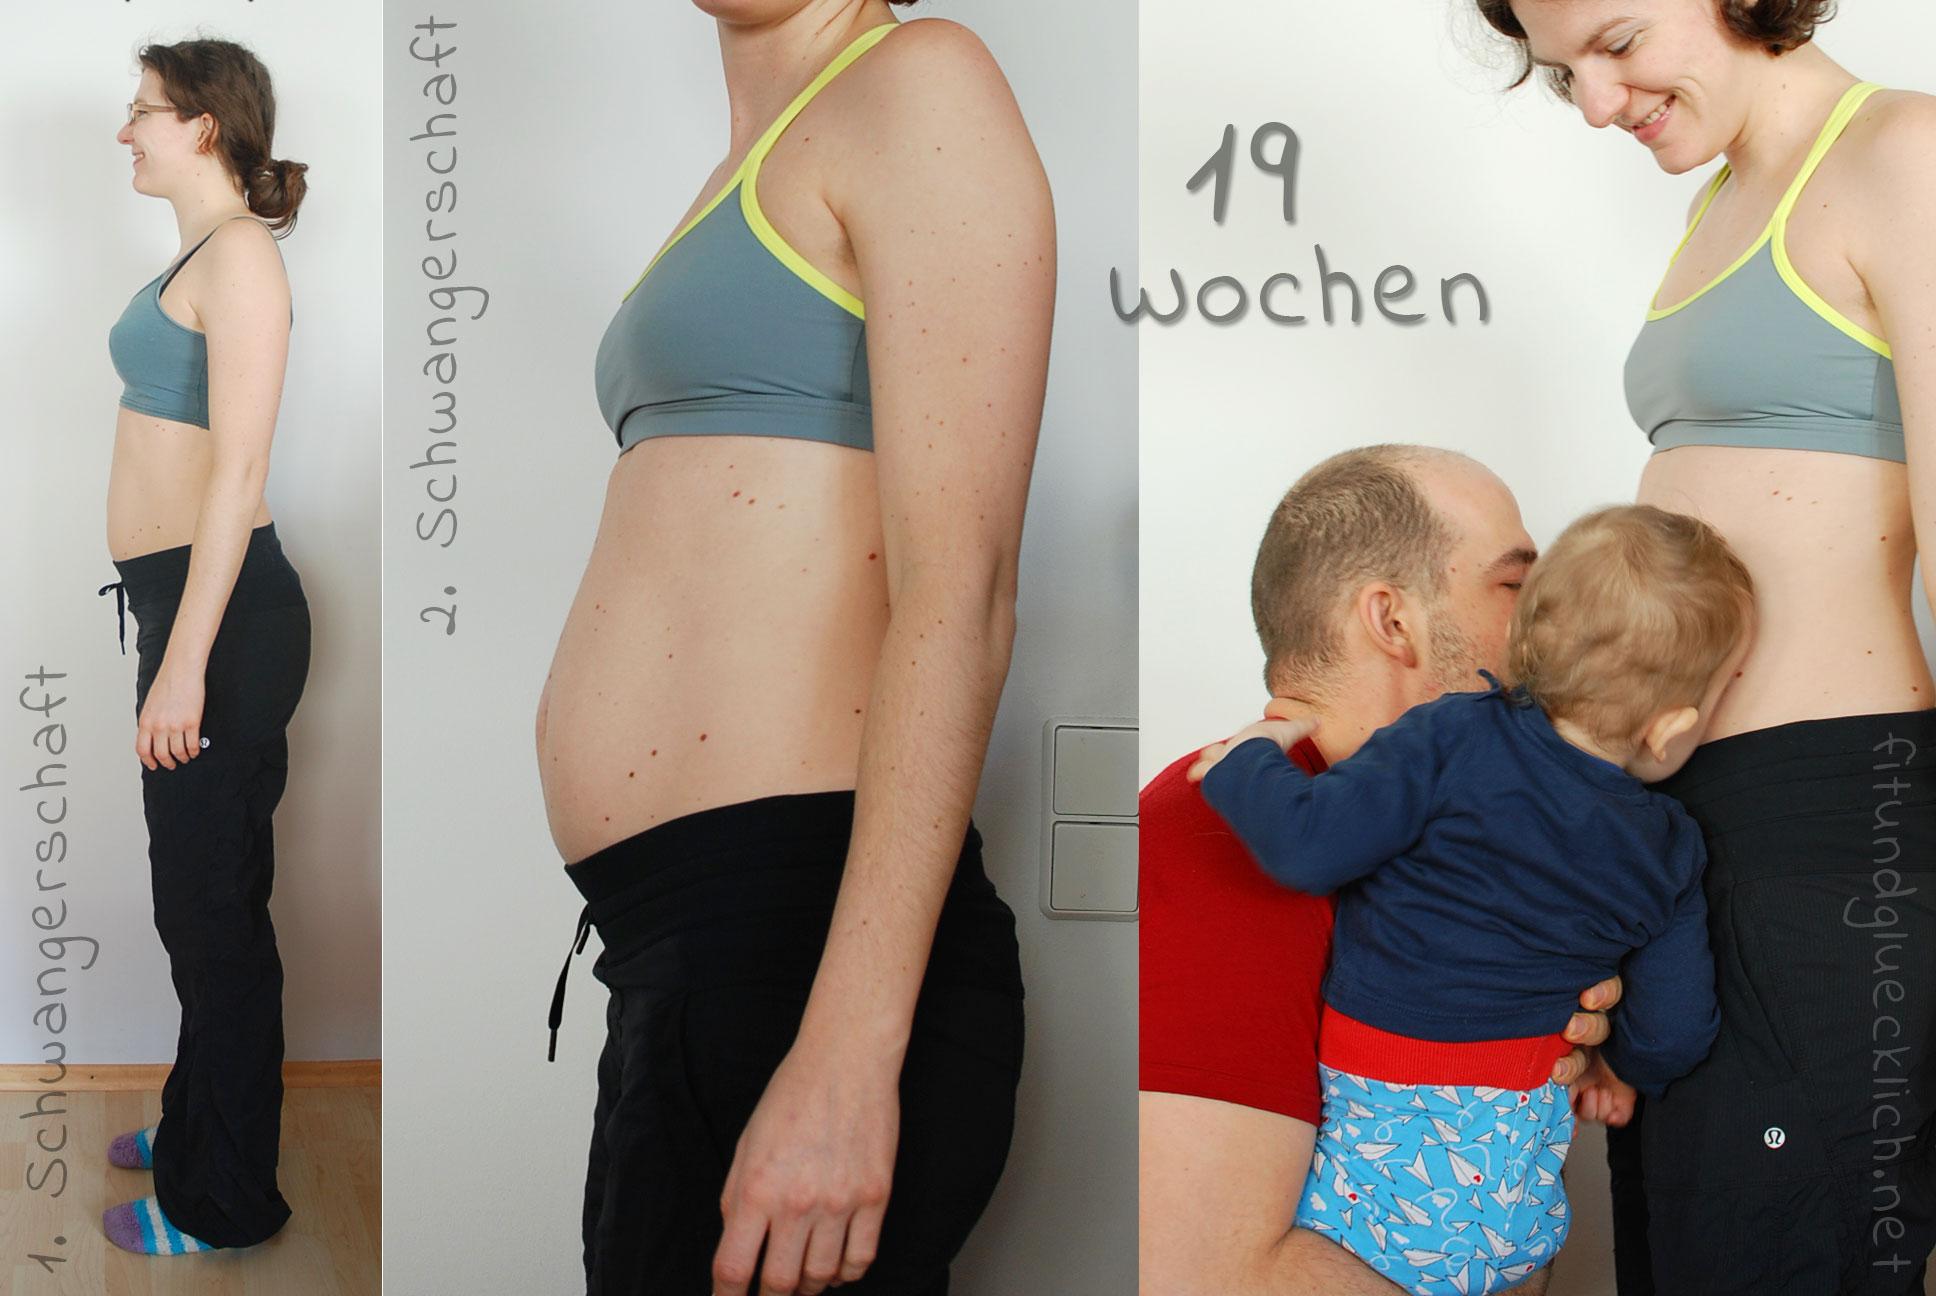 18 Wochen schwanger Ultraschallbilder